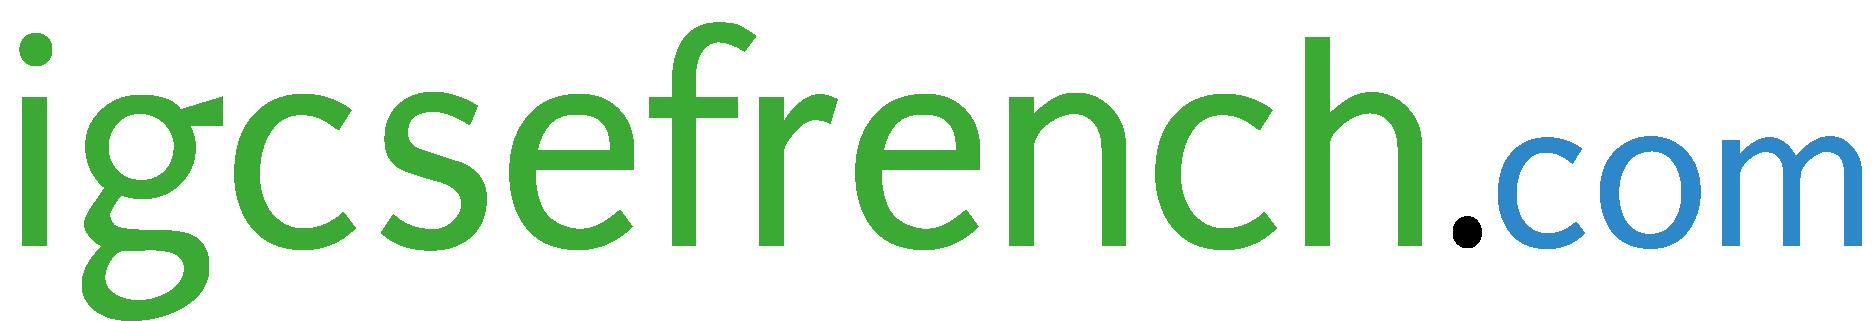 igcsefrenchcom logo